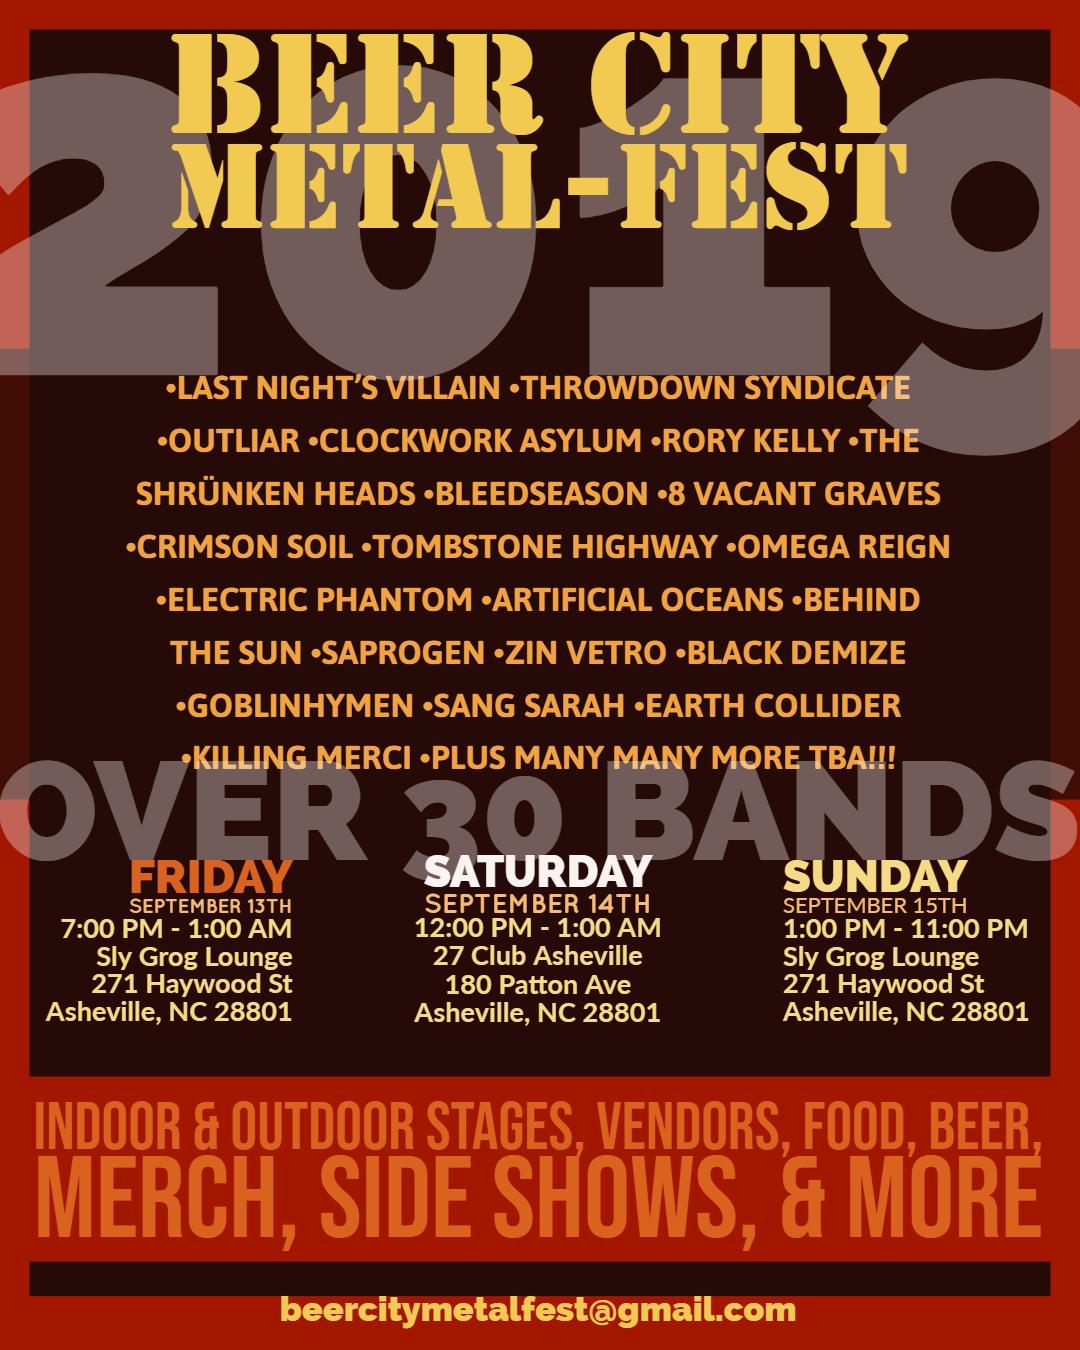 Beer City Metal-Fest 2019 Event Flyer